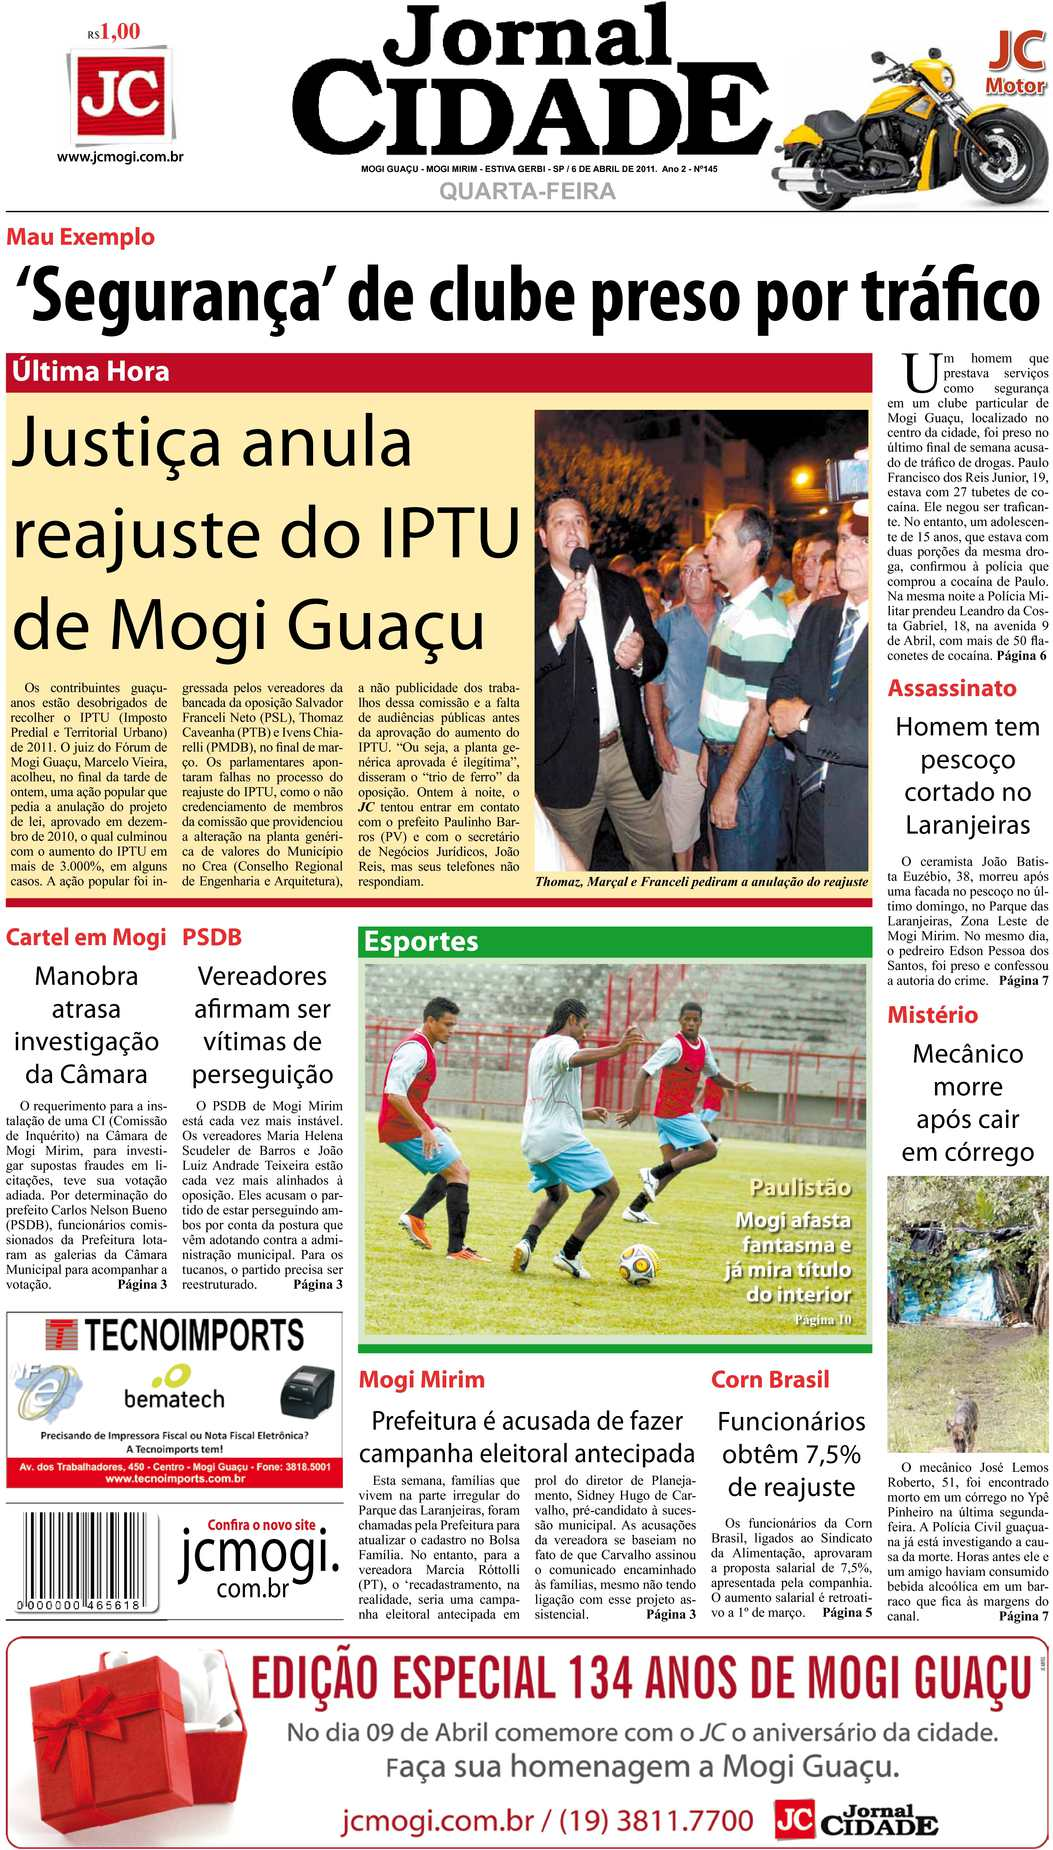 Calaméo - JC MOGI GUAÇU - 06-04-2011 ec3ee0d2de9a3